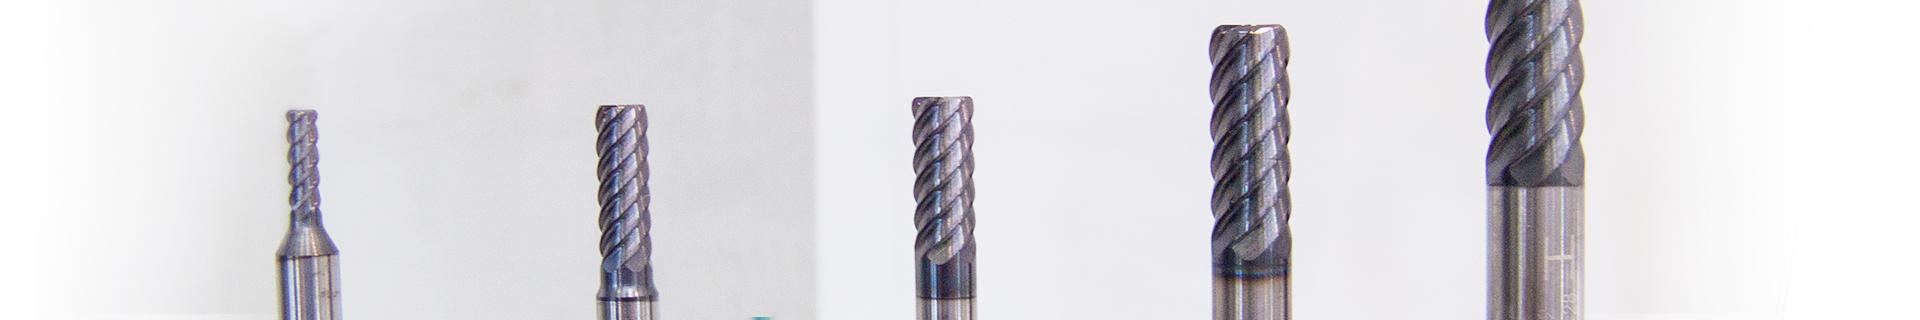 Spinner AG - Zubehör